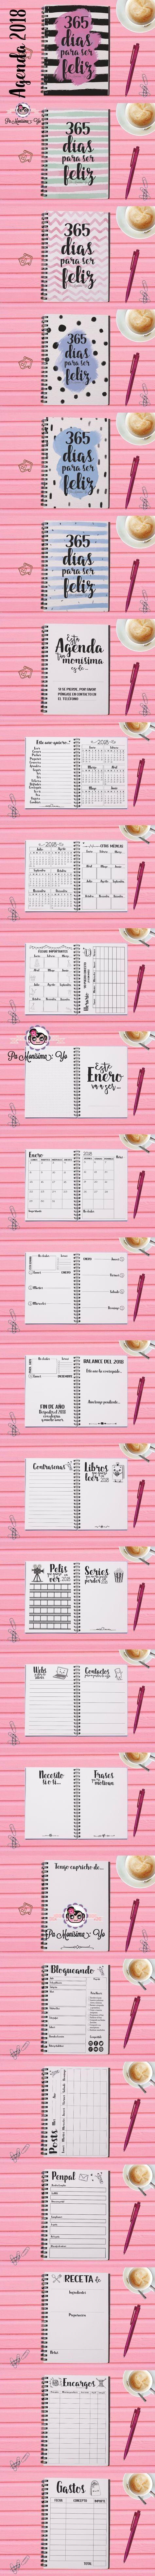 Calendario Anual 2019 Para Imprimir Chile Más Reciente Este Es Realmente Calendario 2019 Word Modificabile Of Calendario Anual 2019 Para Imprimir Chile Actual Este Es Realmente Calendario 2019 Word Modificabile